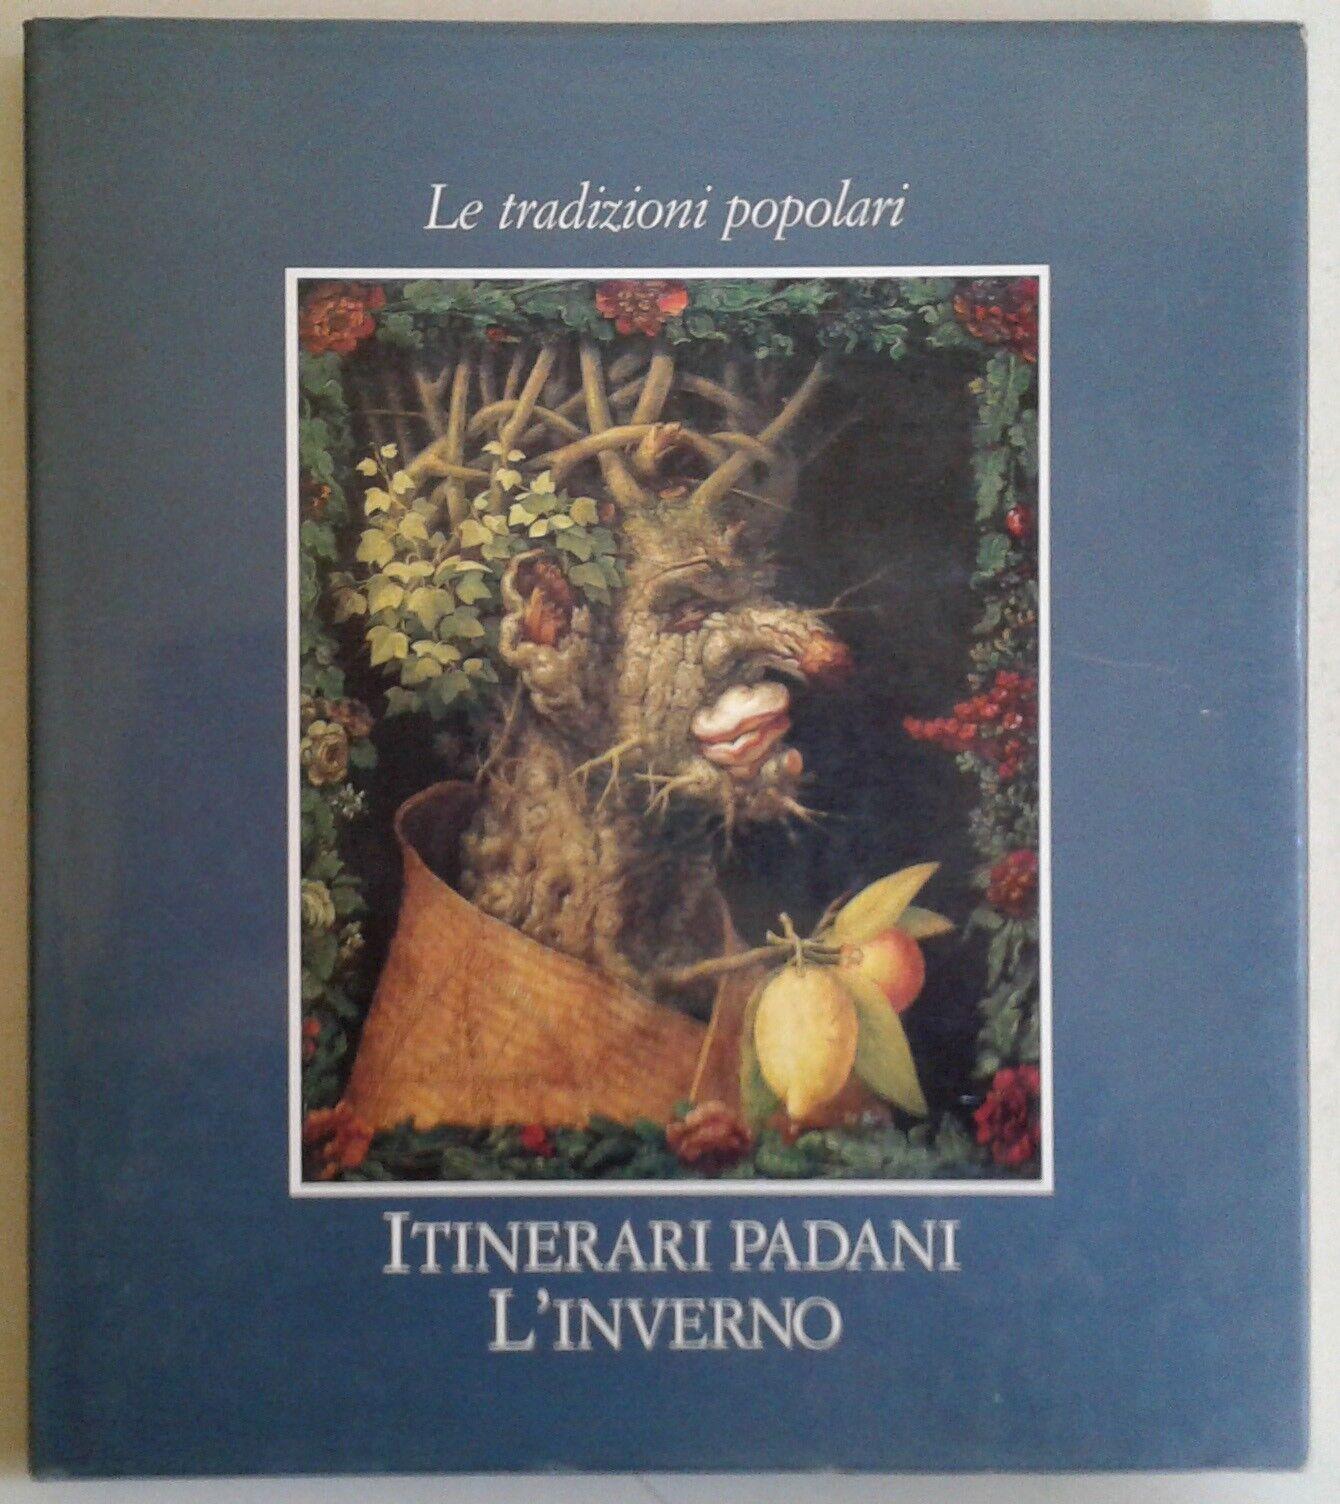 Itinerari padani. L'inverno - Istituto Bancario San Paolo